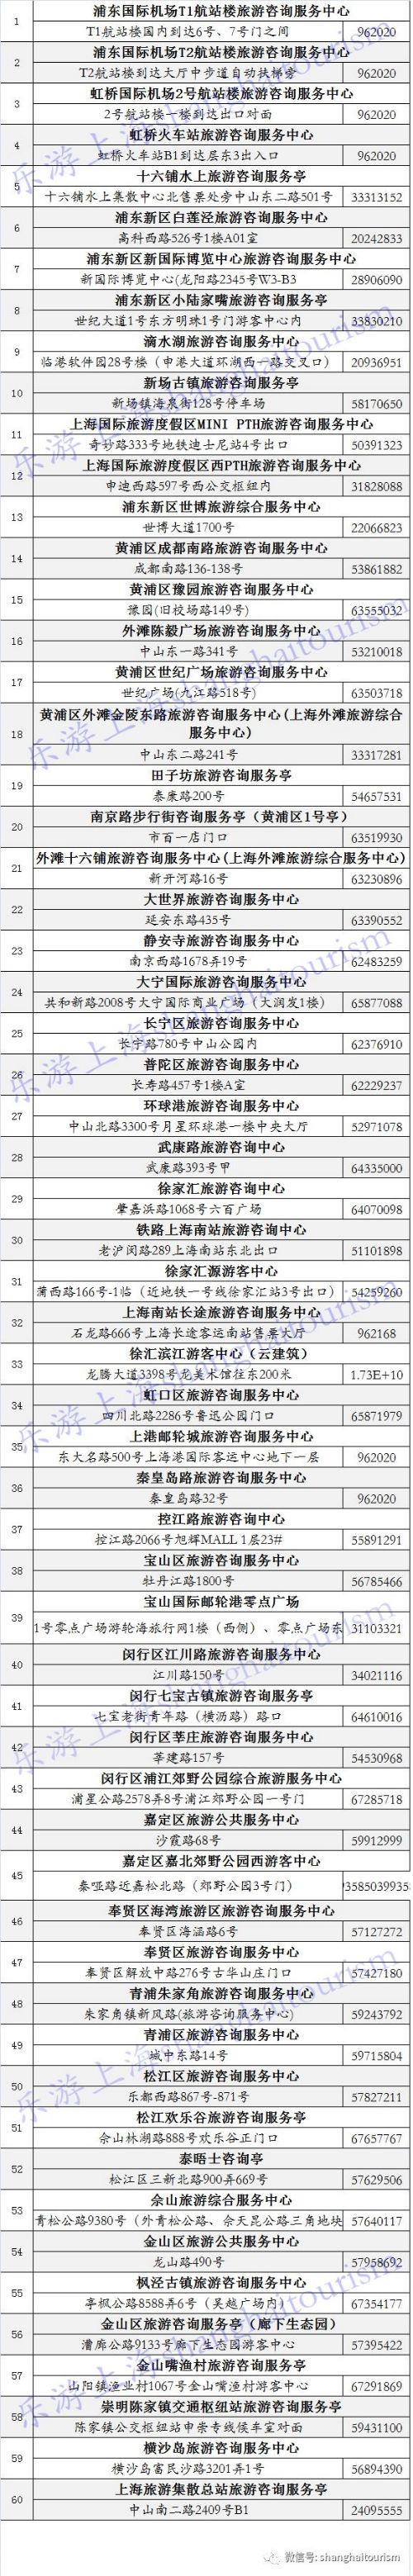 全上海60家旅游咨询服务中心地址&电话一览表